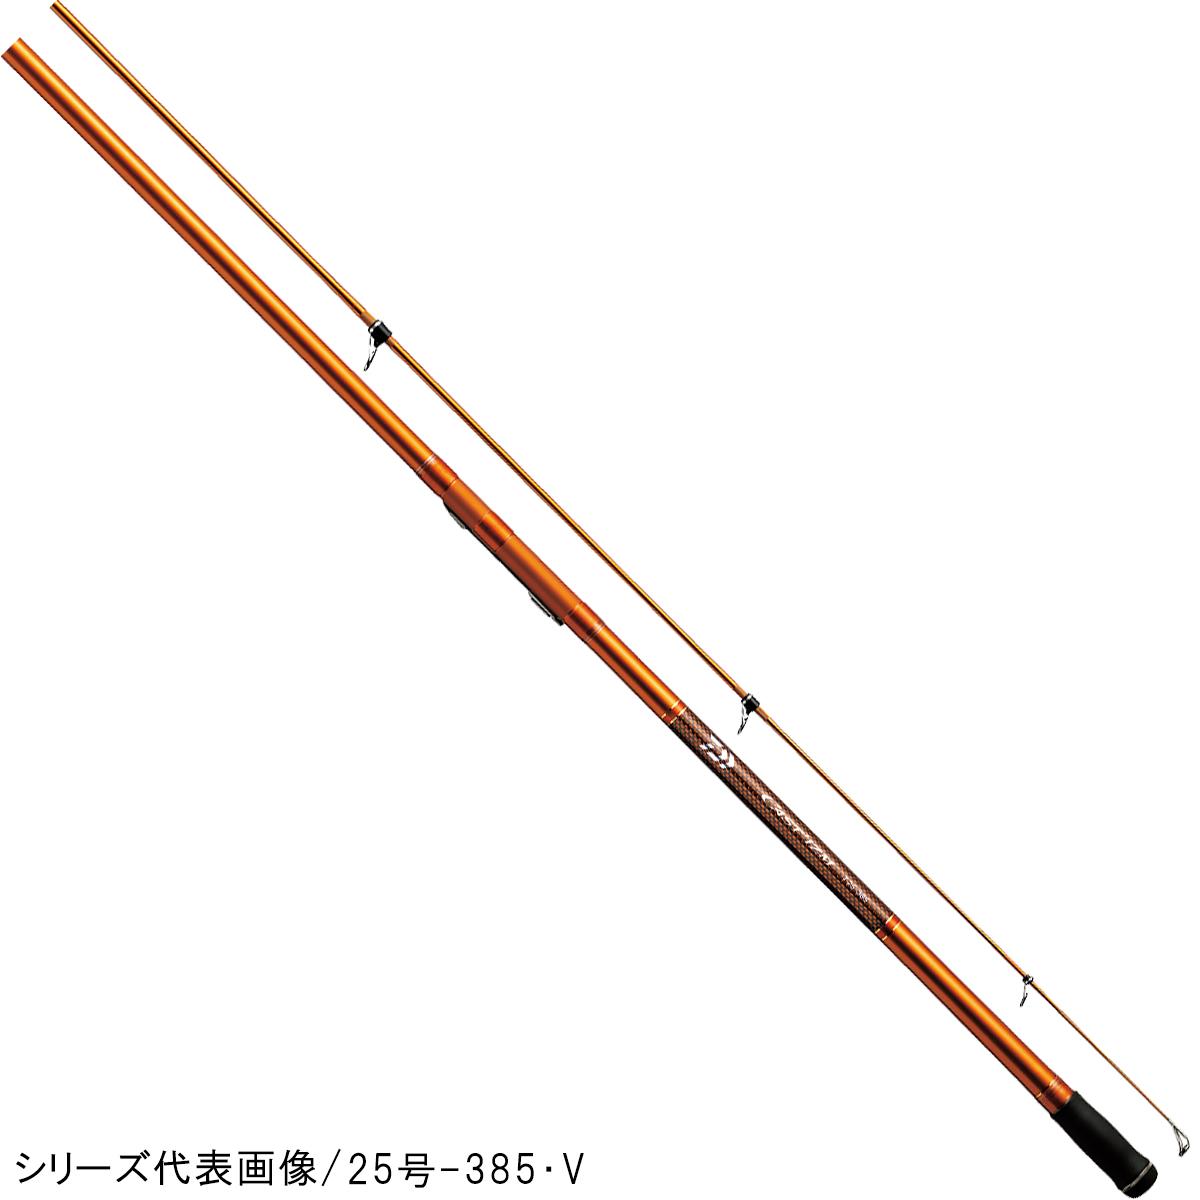 ダイワ キャスティズム T 20号-385・V【大型商品】【送料無料】